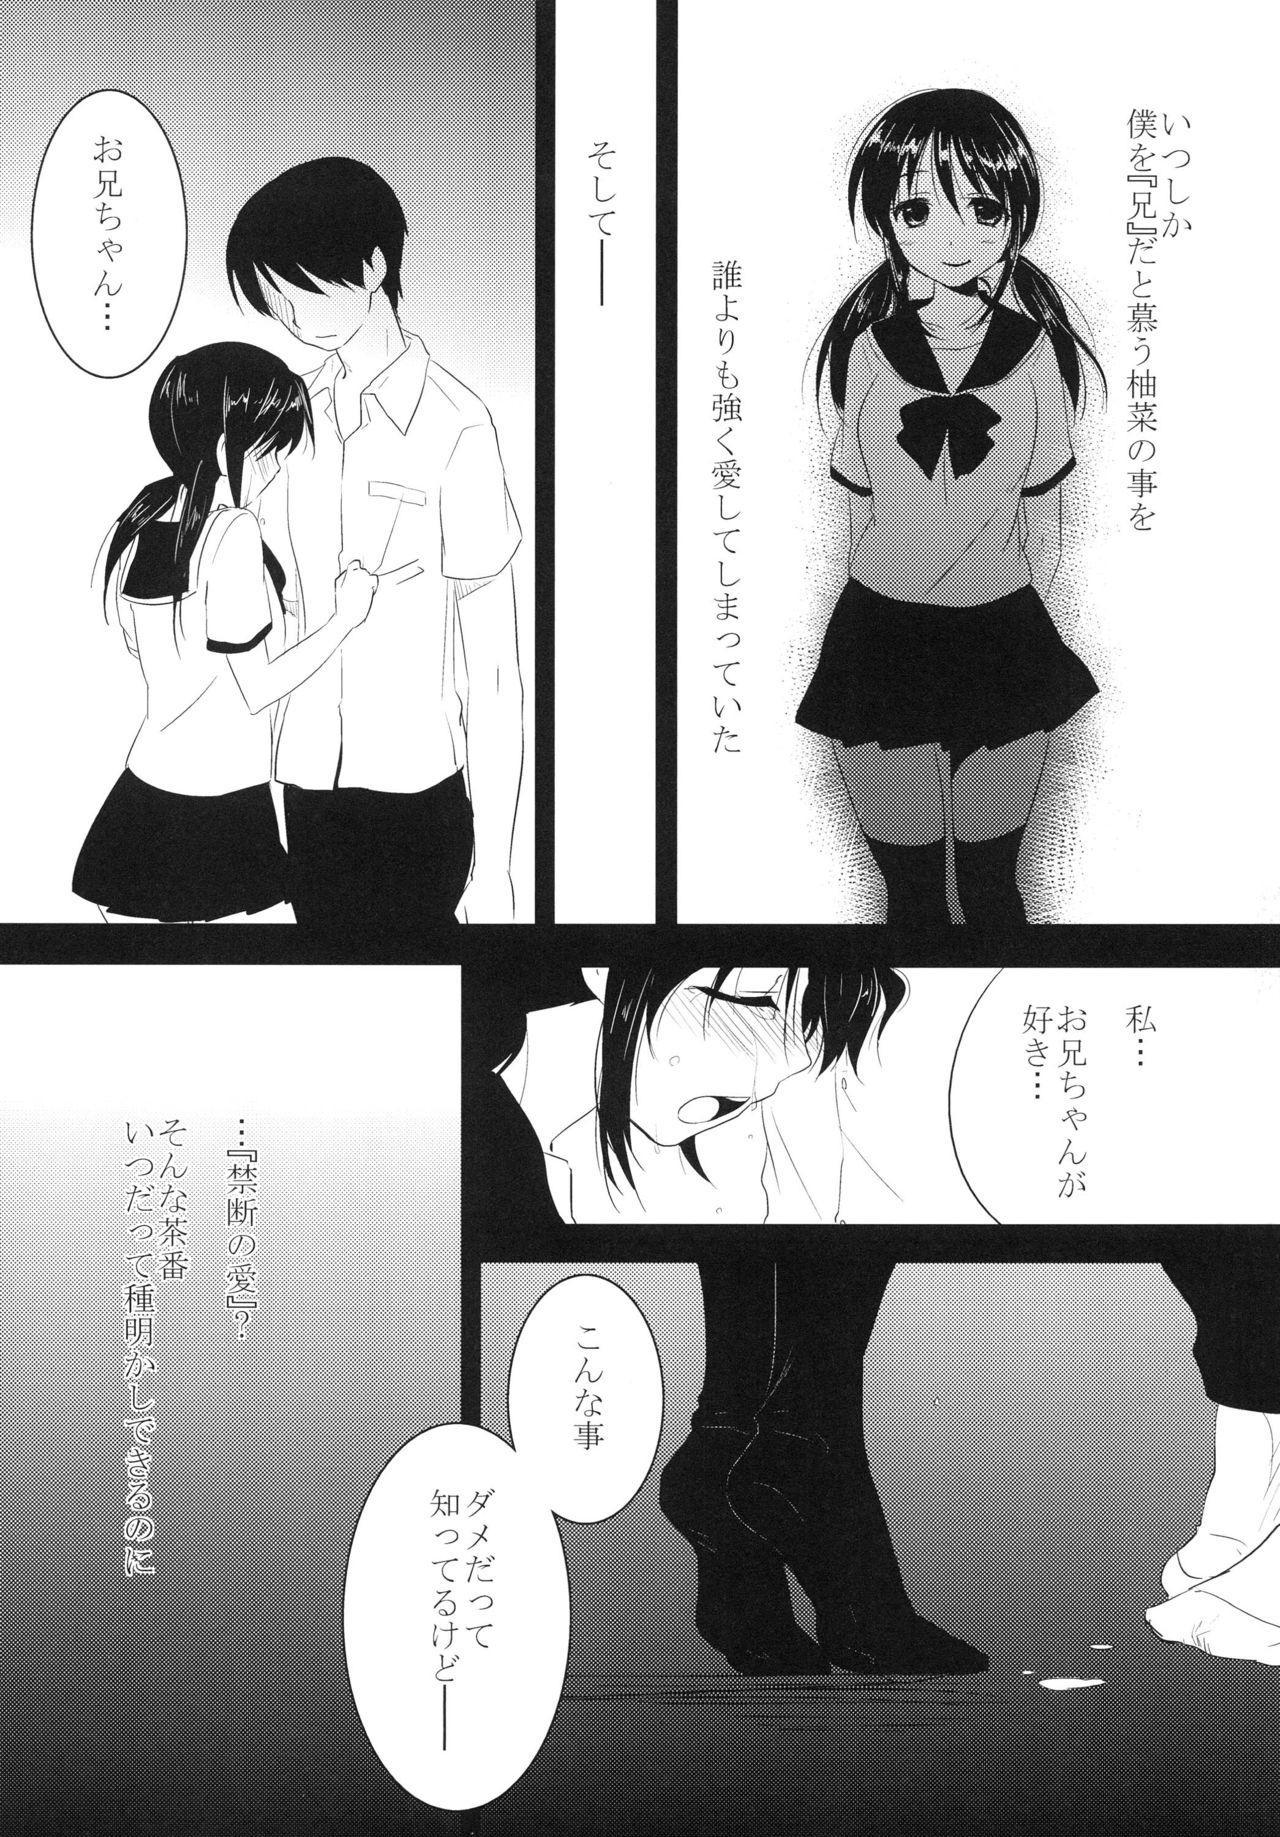 Imouto wa Shiranai 6